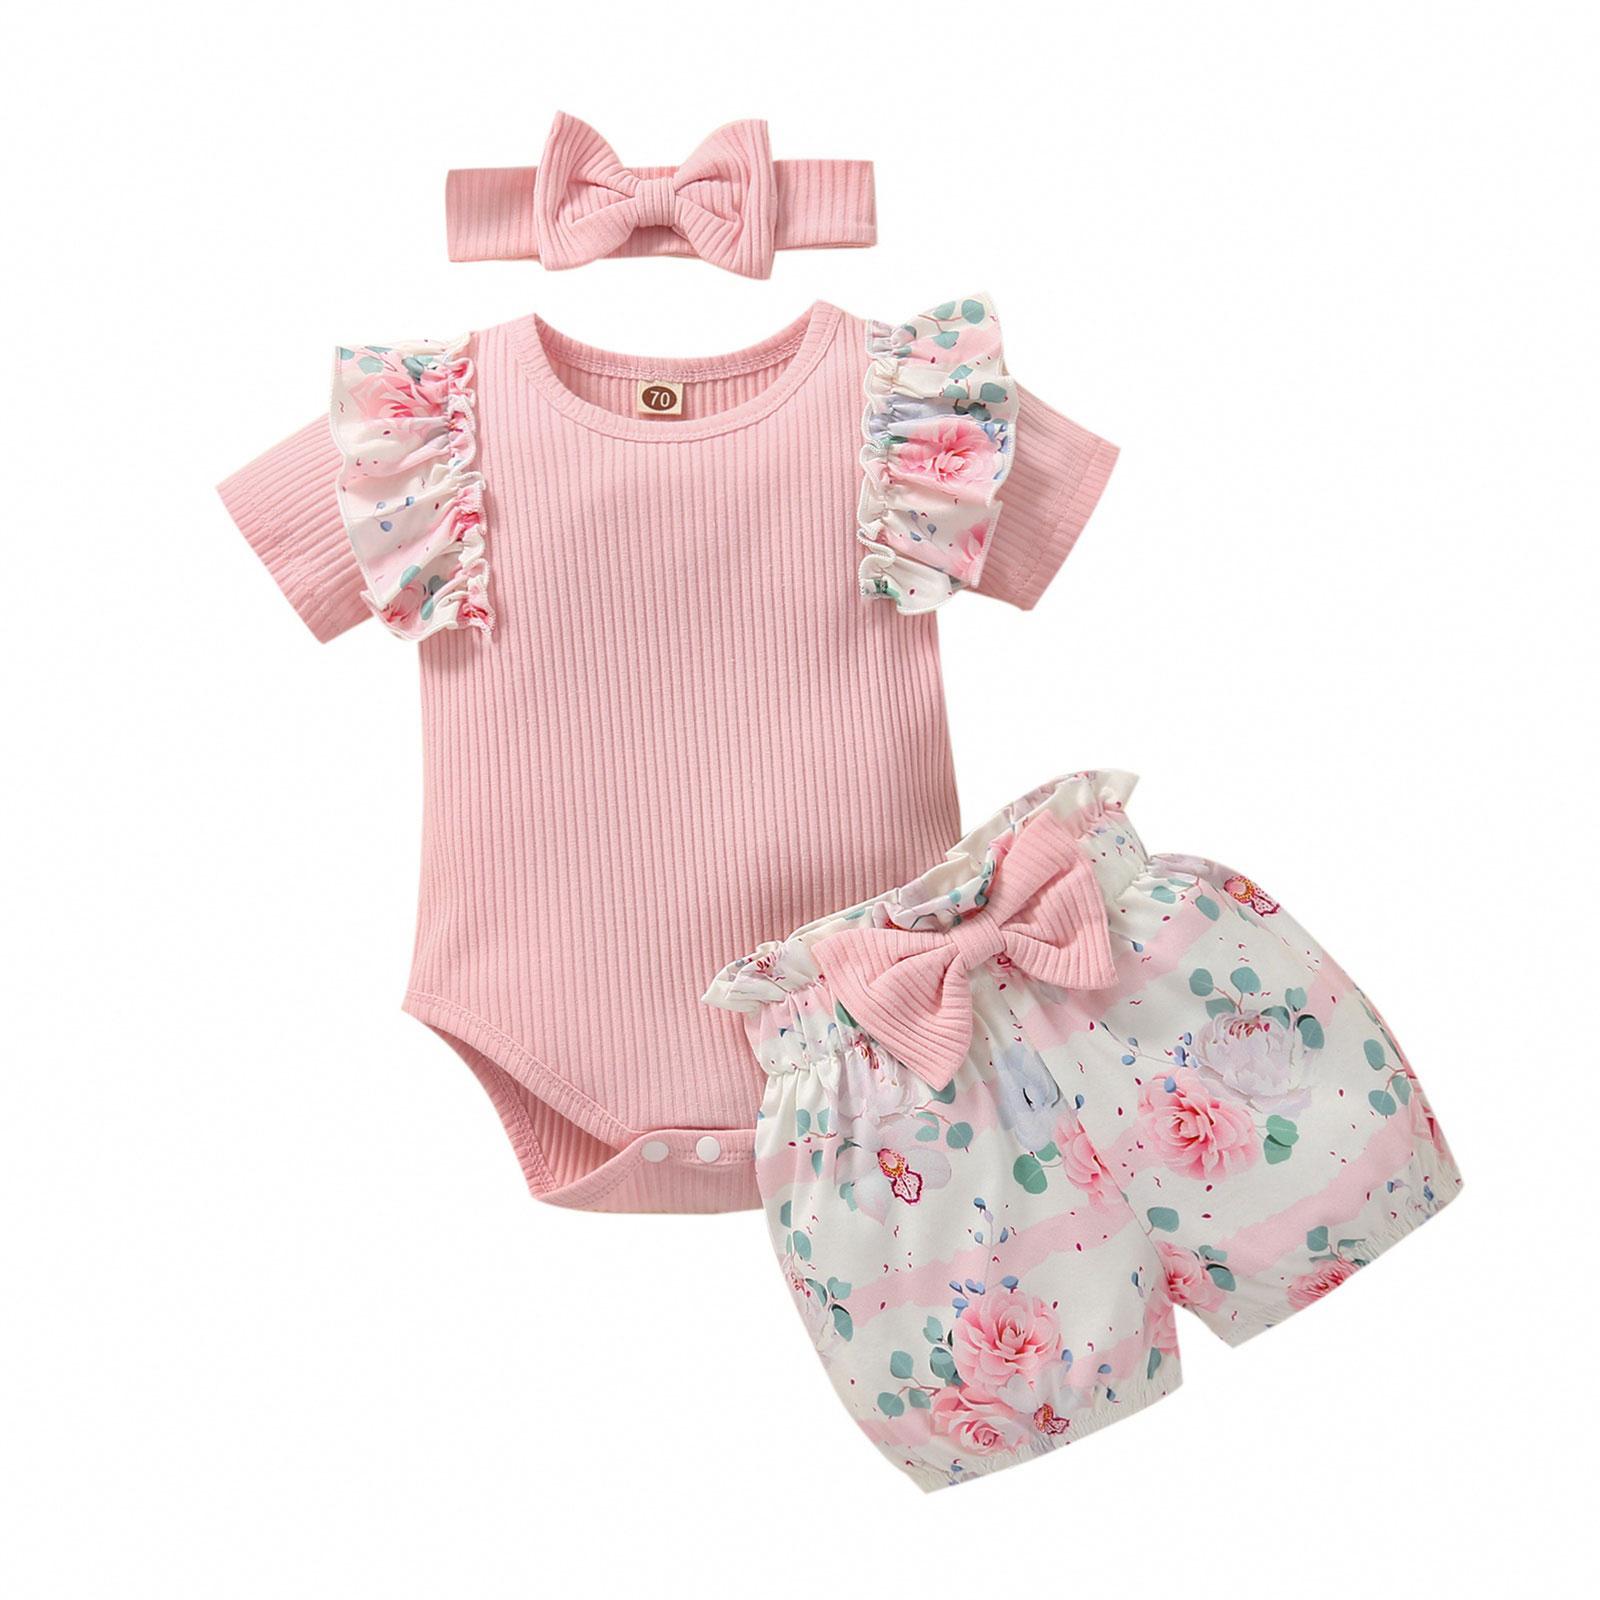 Размер 0-12 мес., комплект летней одежды для малышей; Хлопковые вязаные брюки капри со складками, комбинезоны с короткими рукавами + комплекты ...